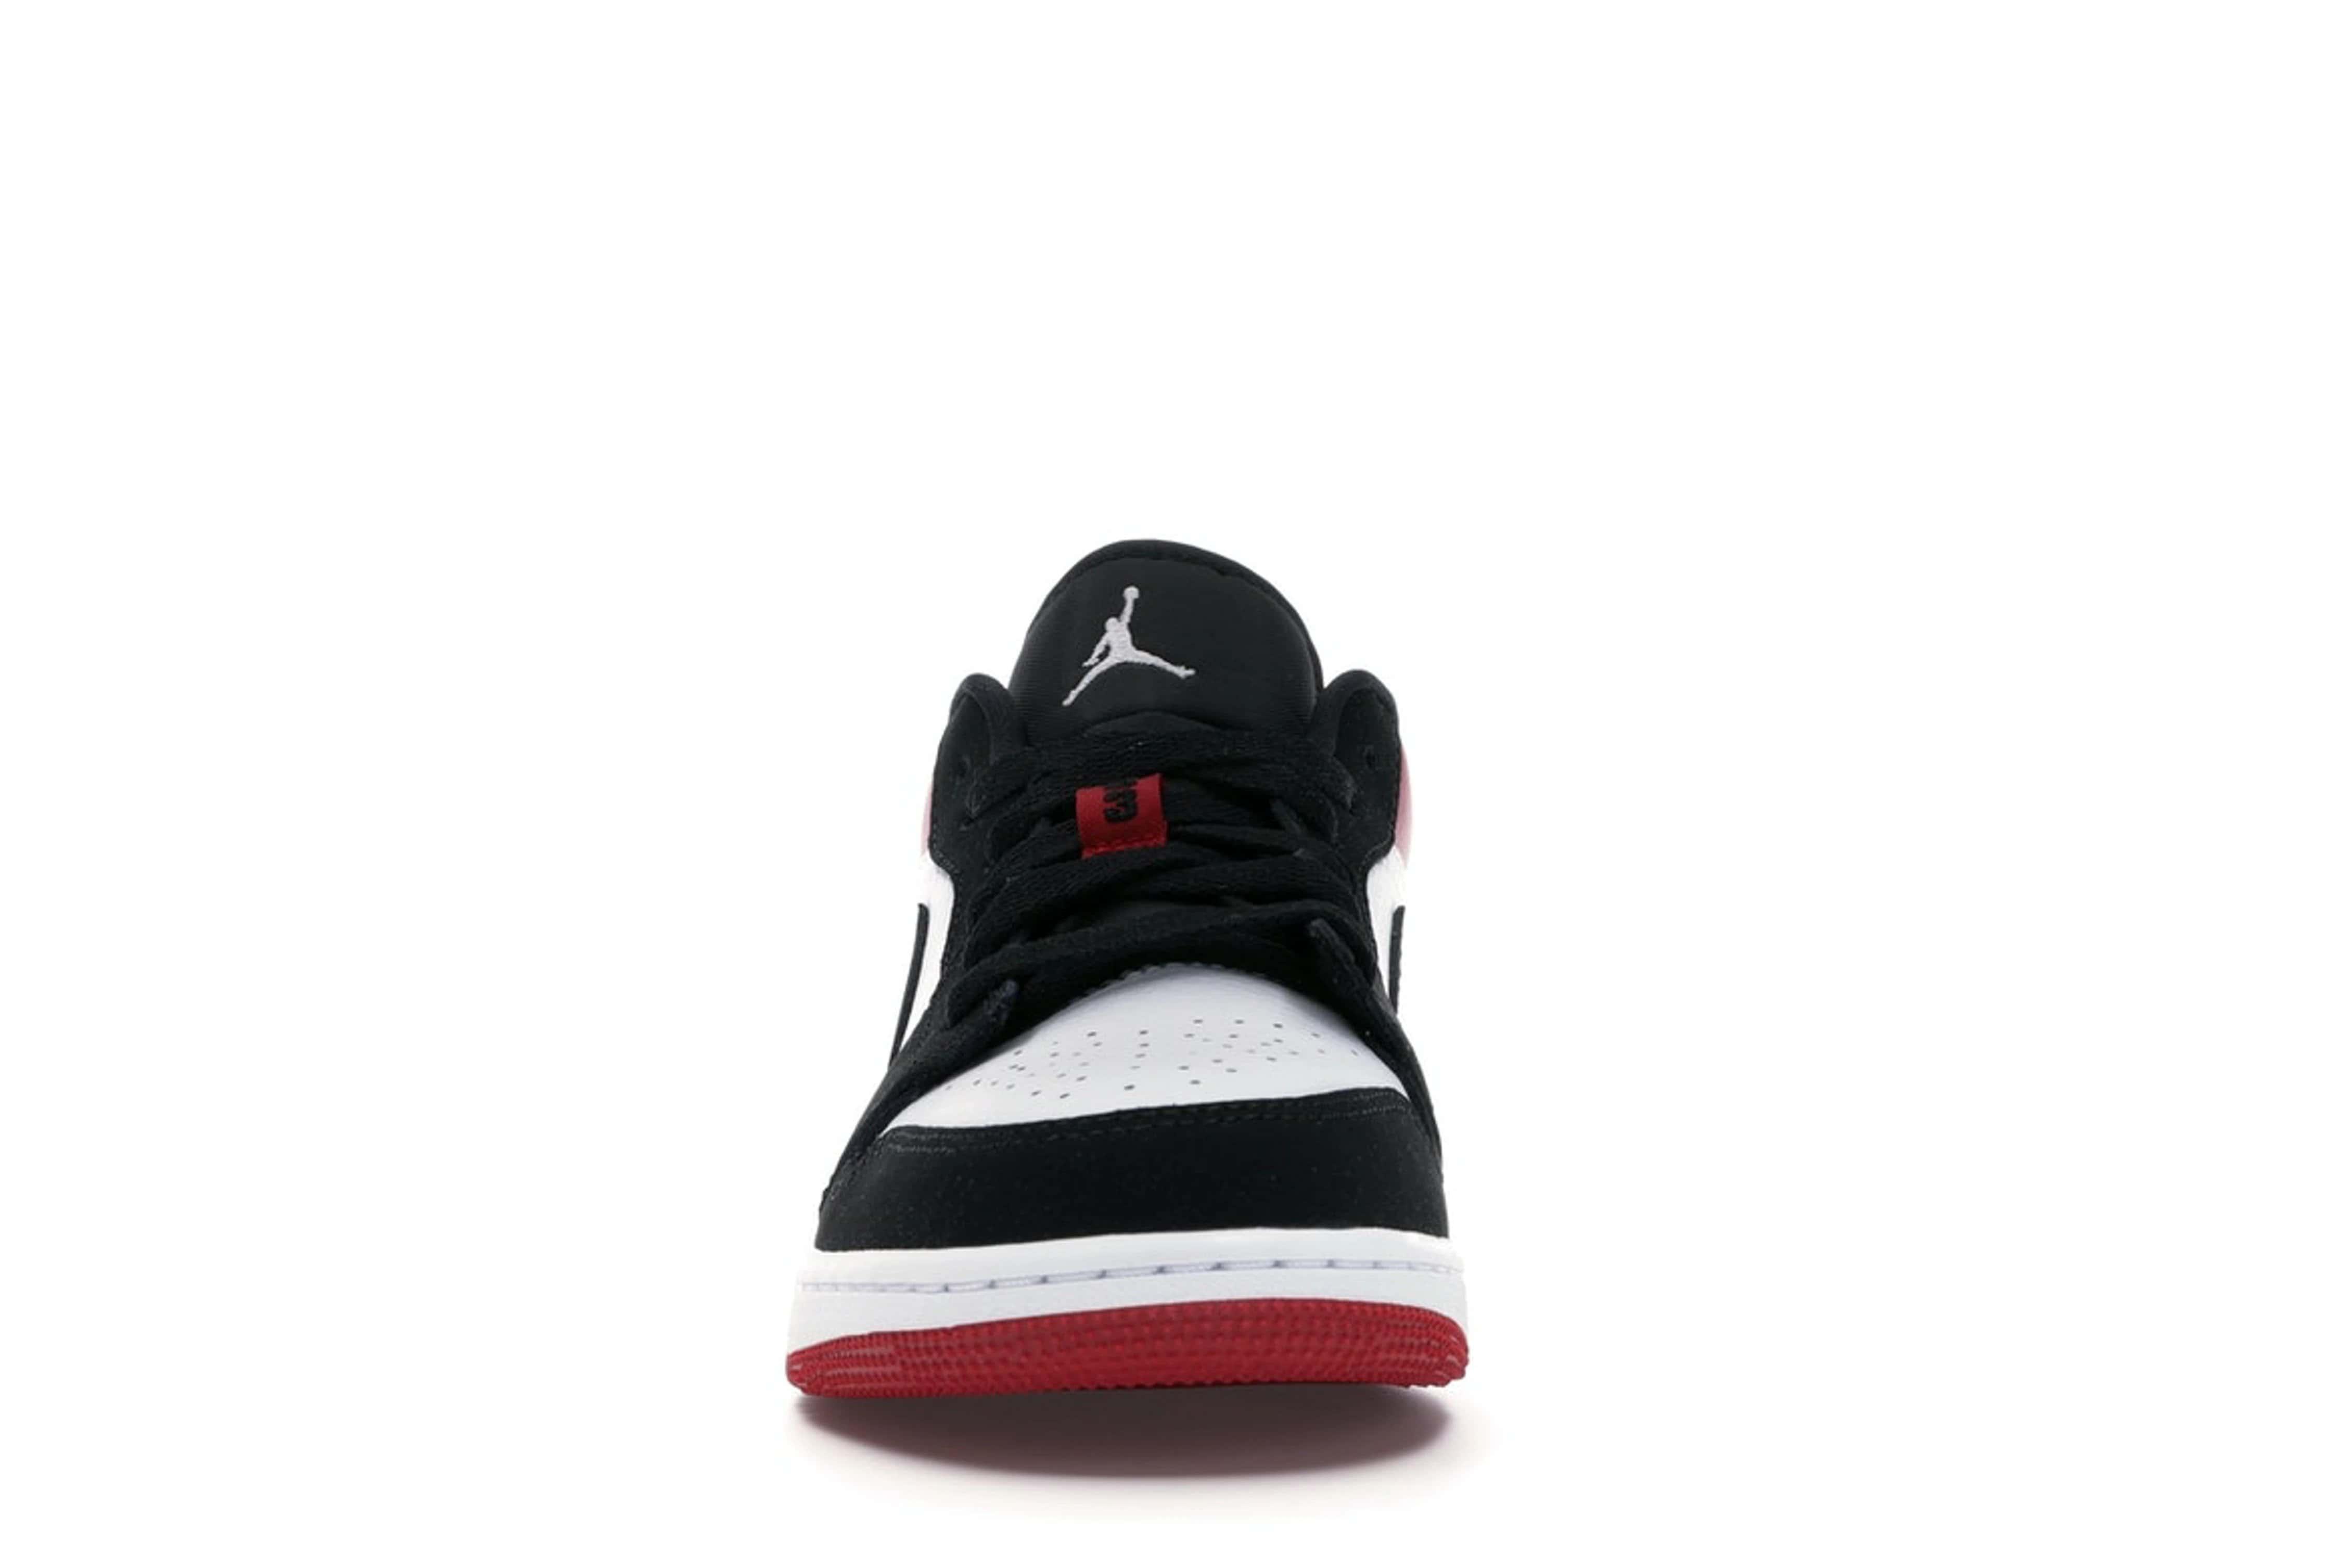 slide 2 - Jordan 1 Low Black Toe (GS)